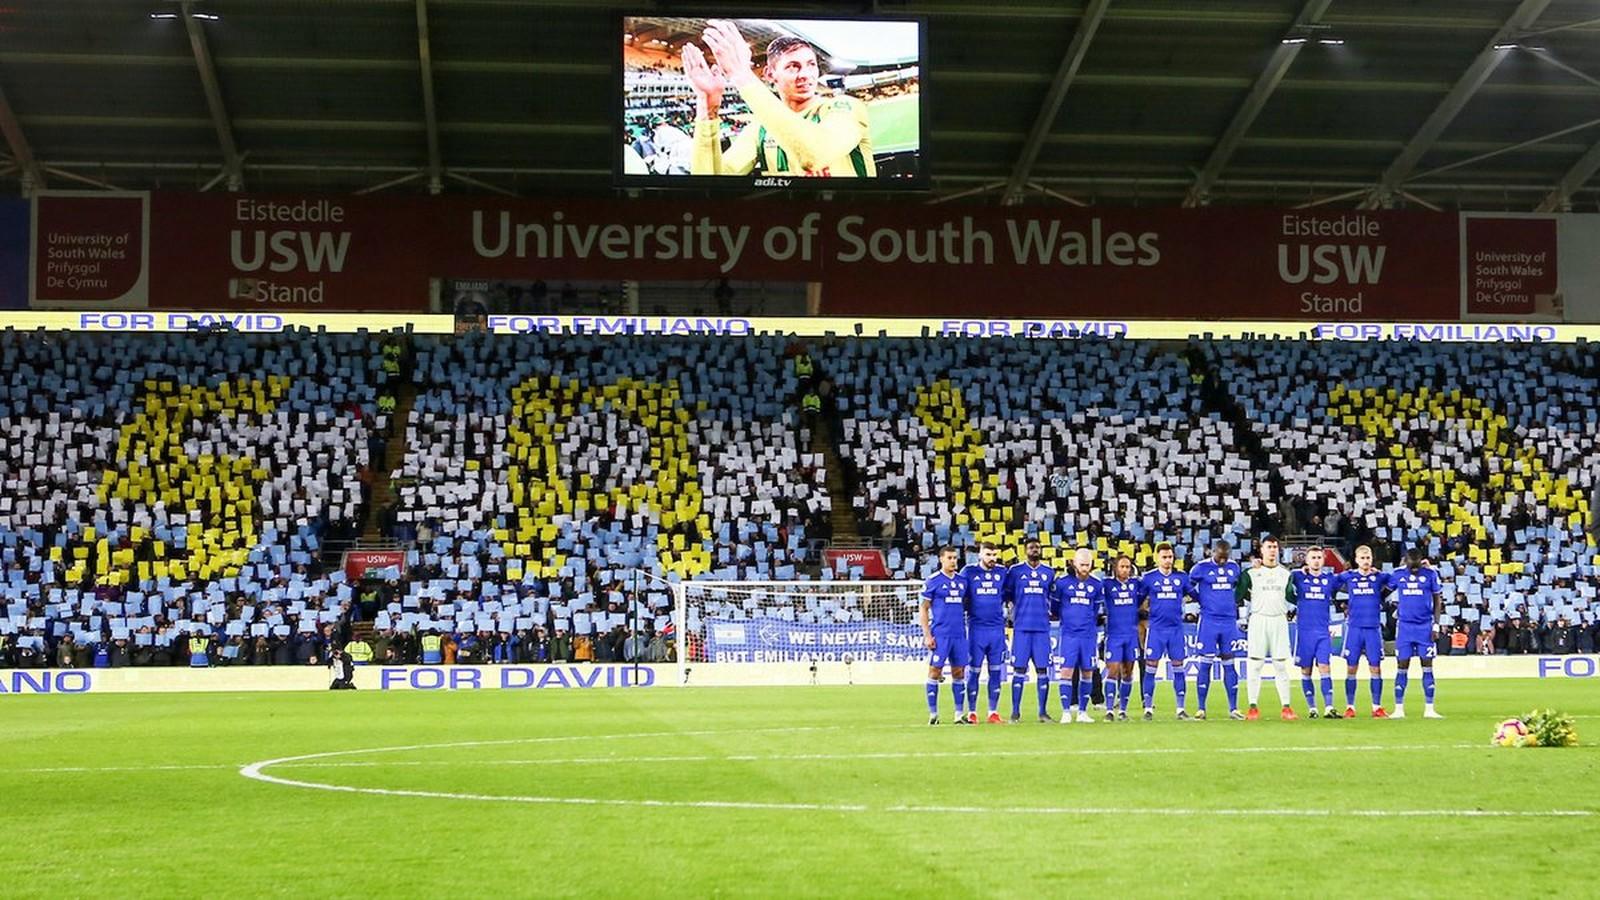 91327de426 Torcedores do Cardiff City prestam homenagem a Emiliano Sala — Foto   Divulgação   Cardiff